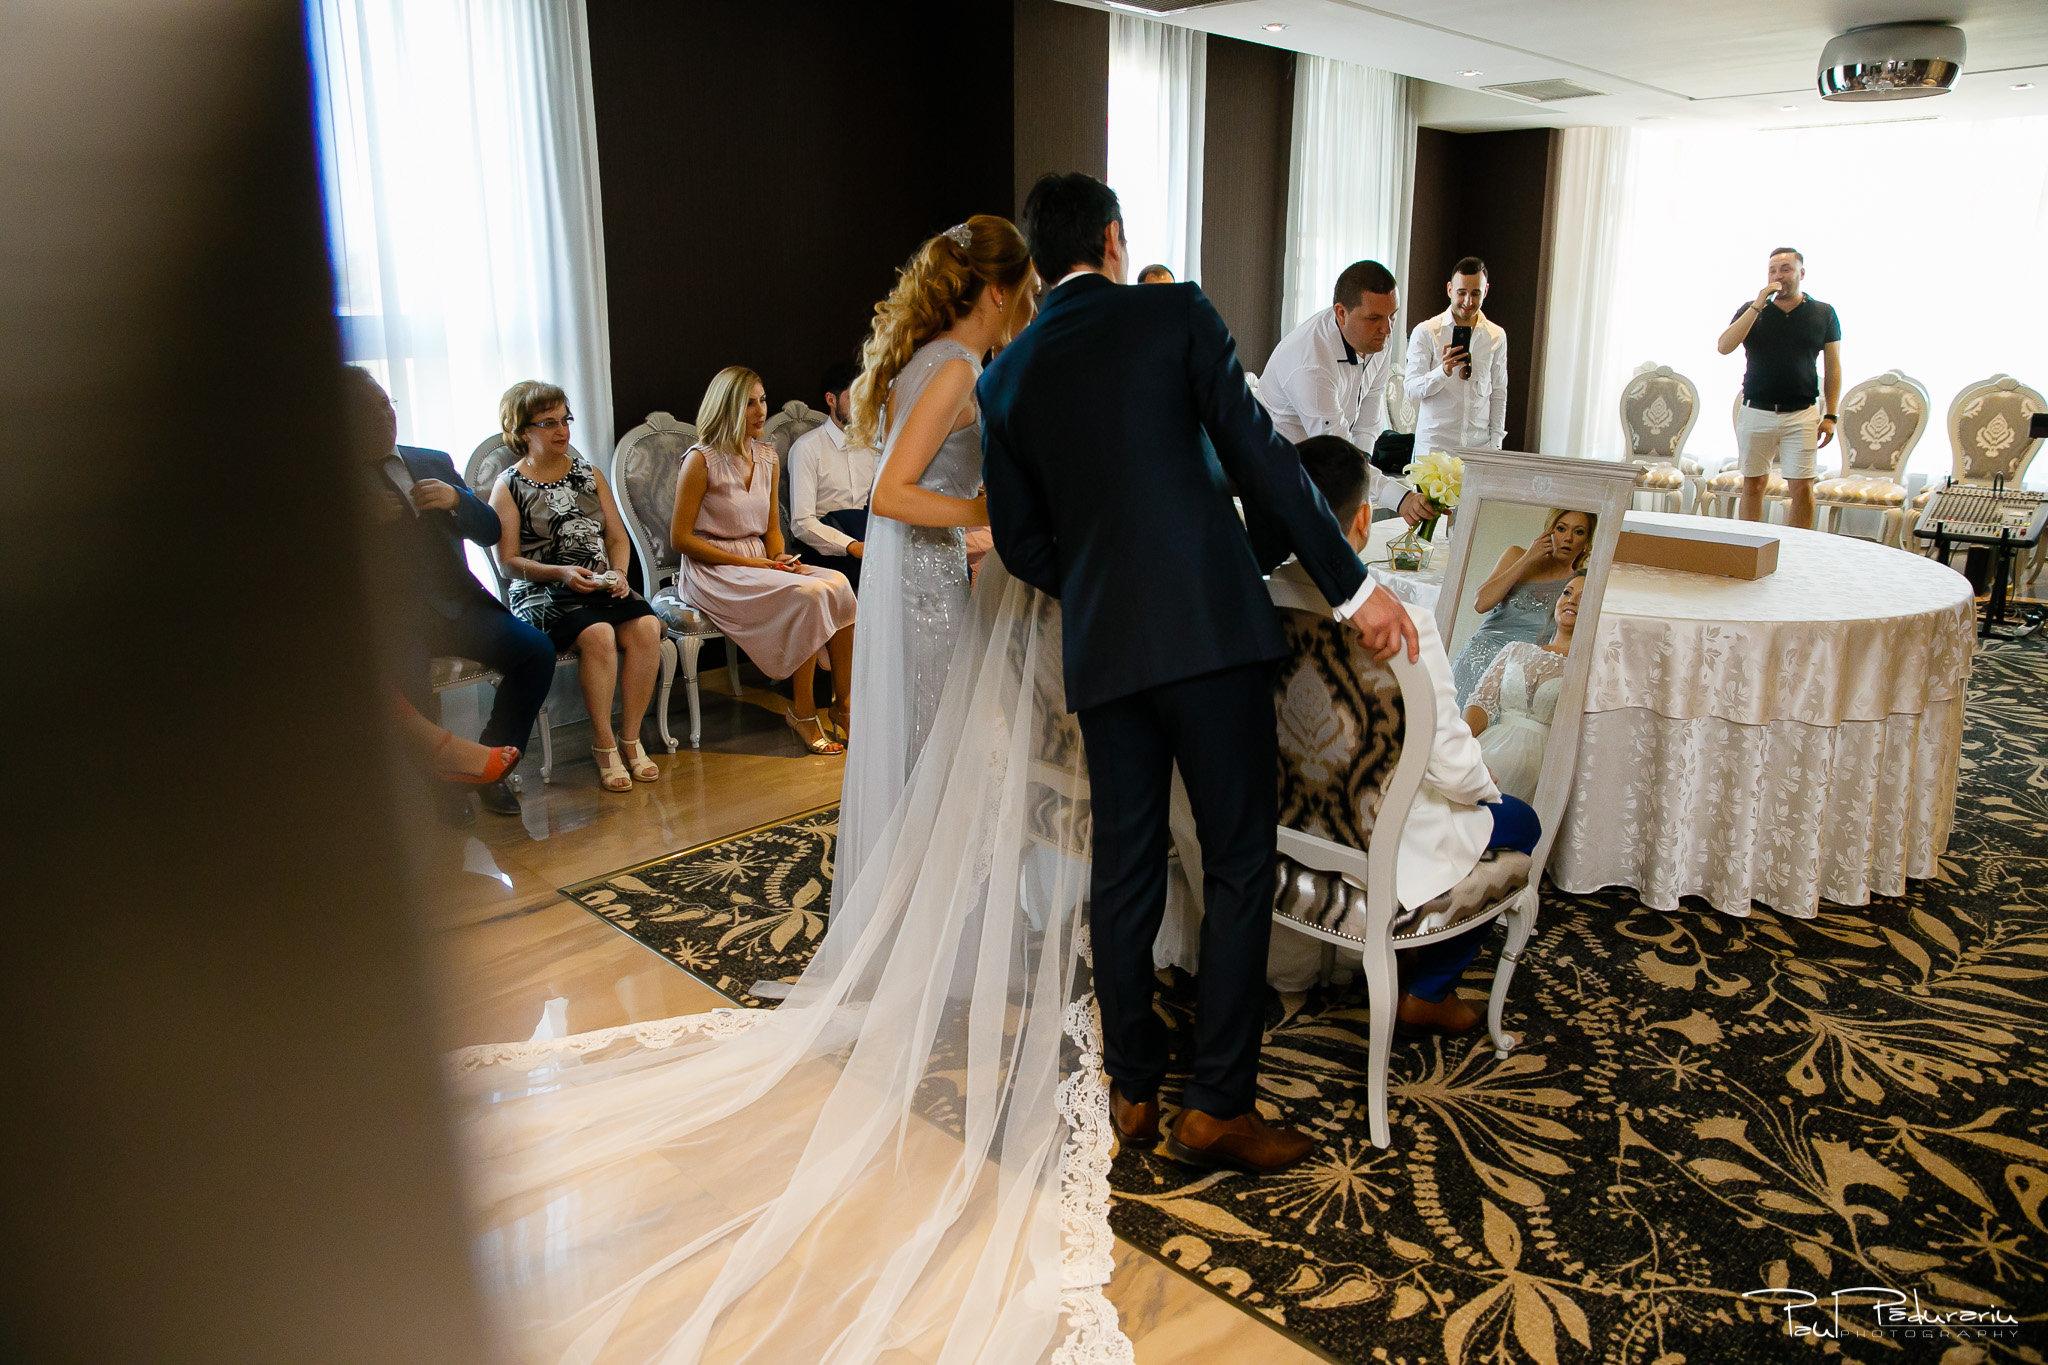 Pregatiri nunta Ema si Tudor fotograf de nunta iasi www.paulpadurariu.ro © 2017 Paul Padurariu - pregatiri mireasa si mire oglinda